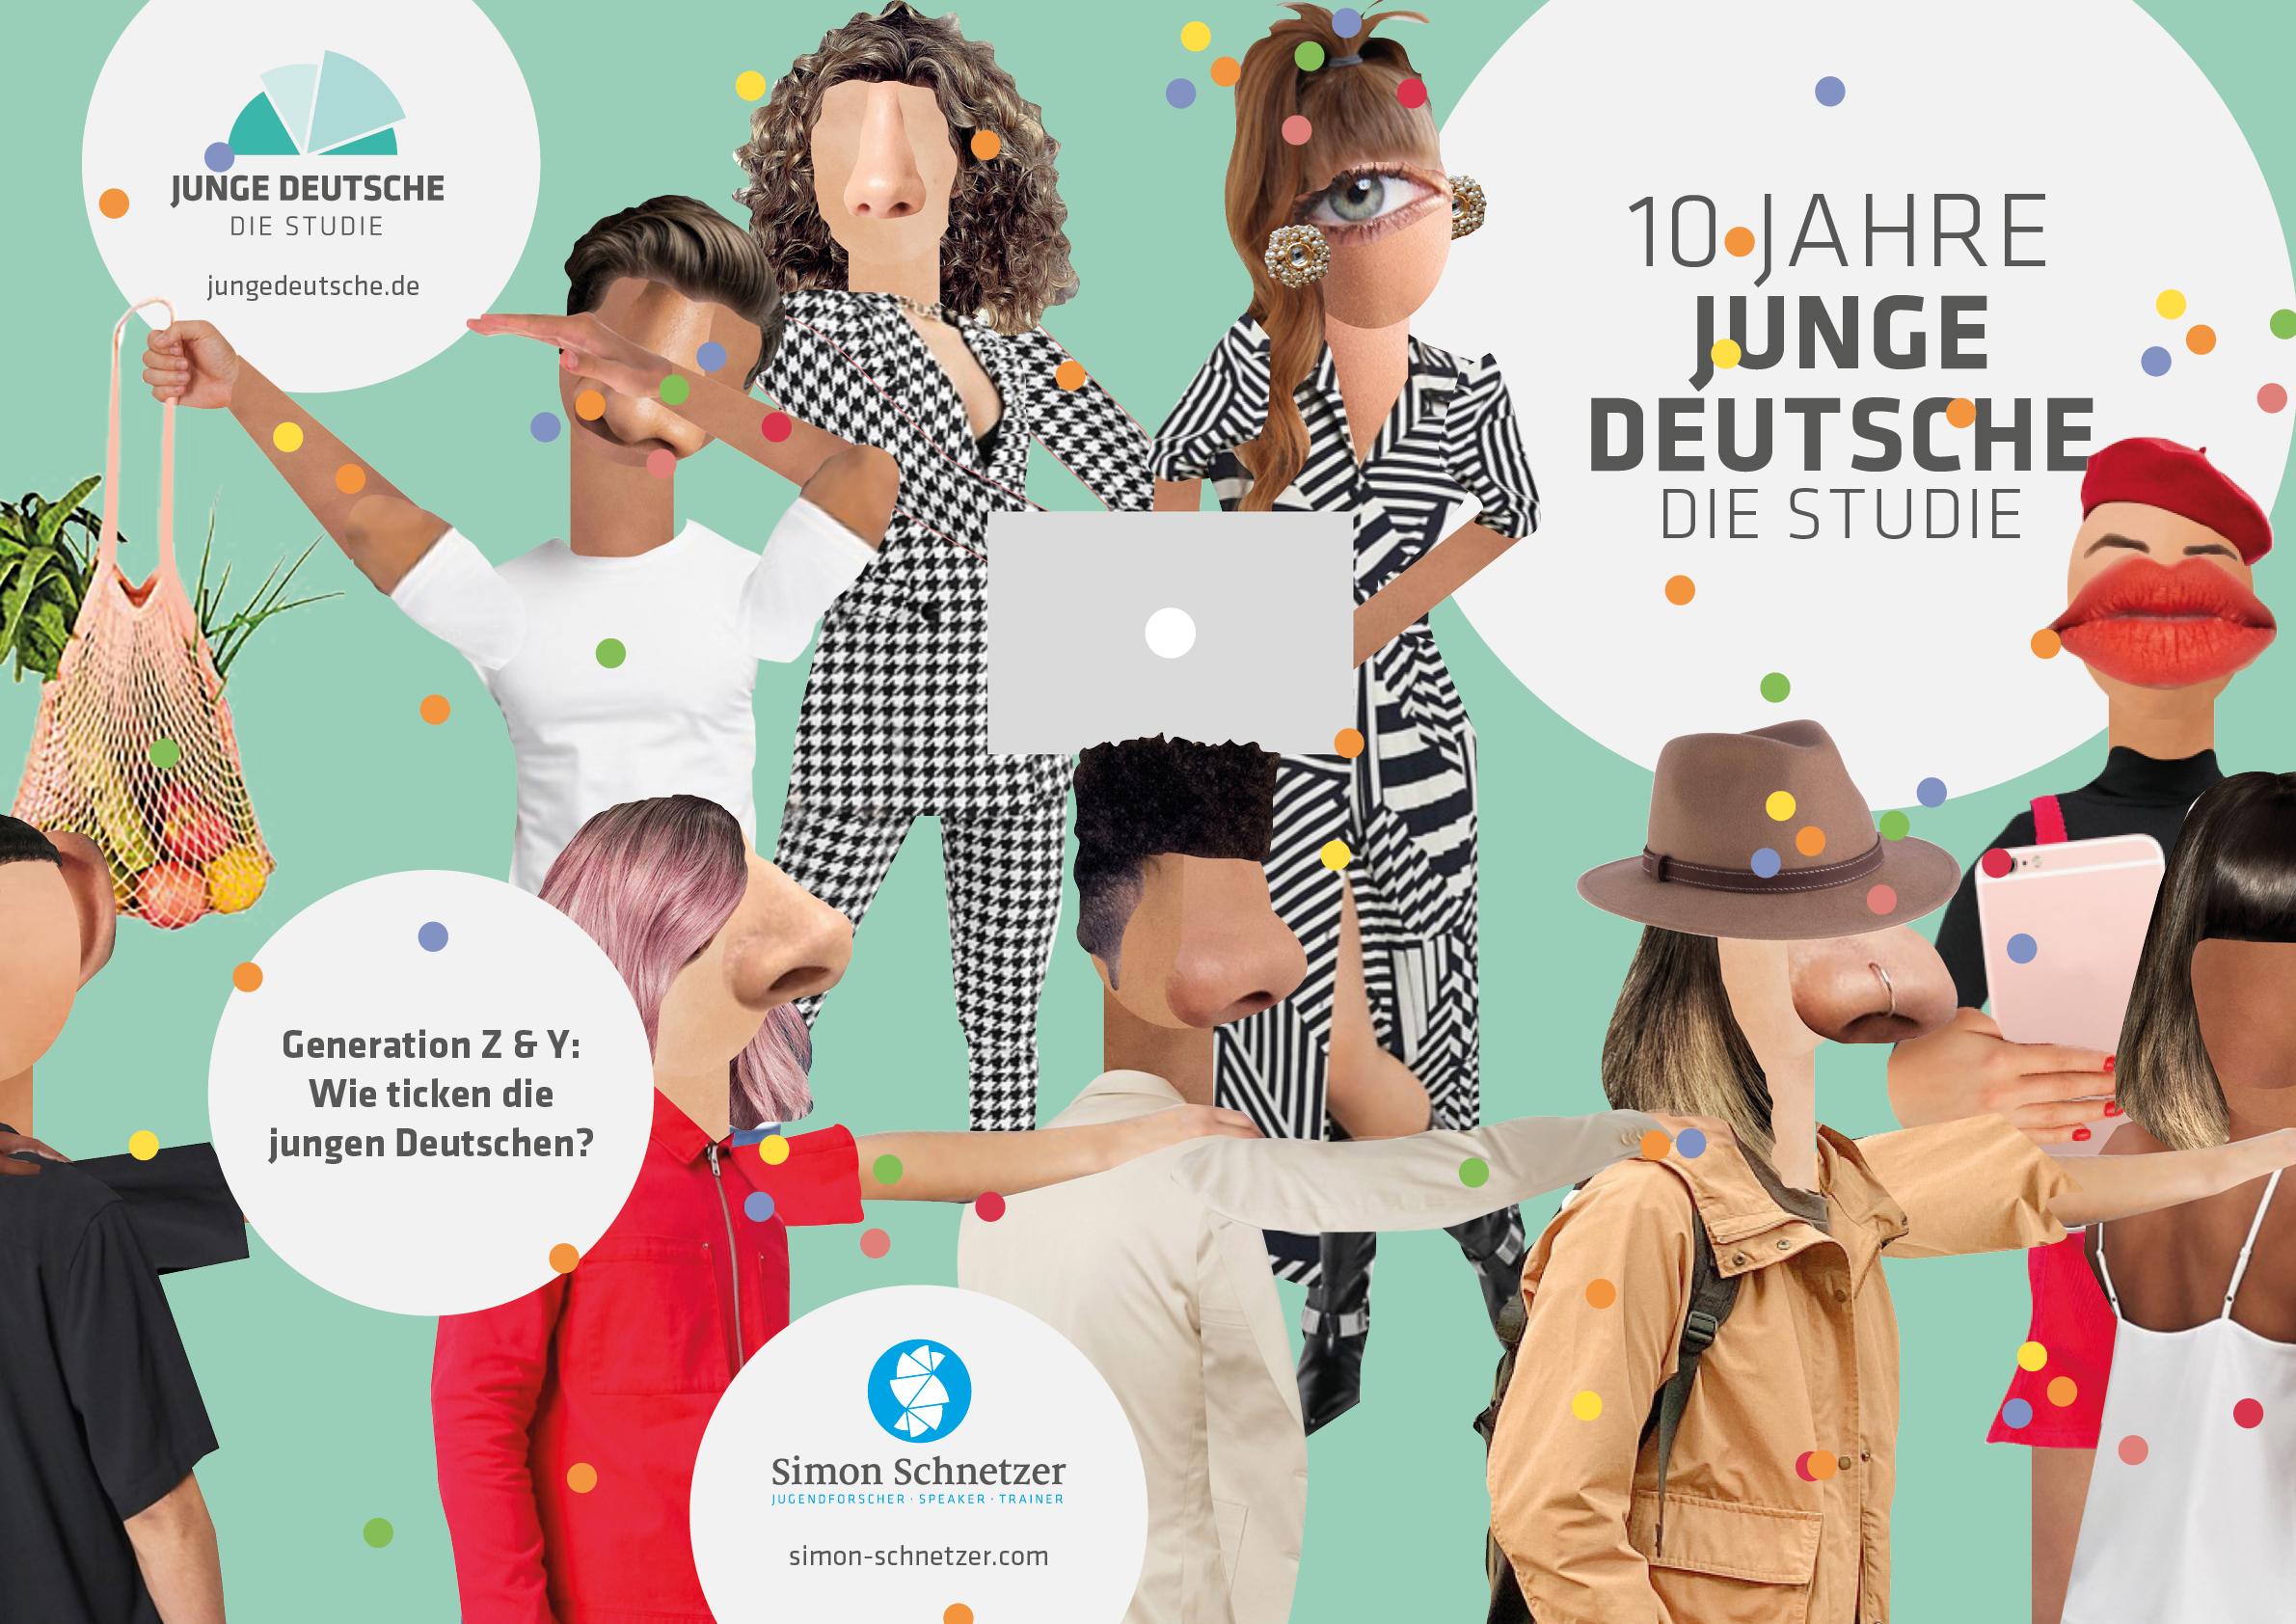 Gründervilla News 11-2020 - Wie ticken junge Allgäuer*innen? - Studie Junge Deutsche 2021